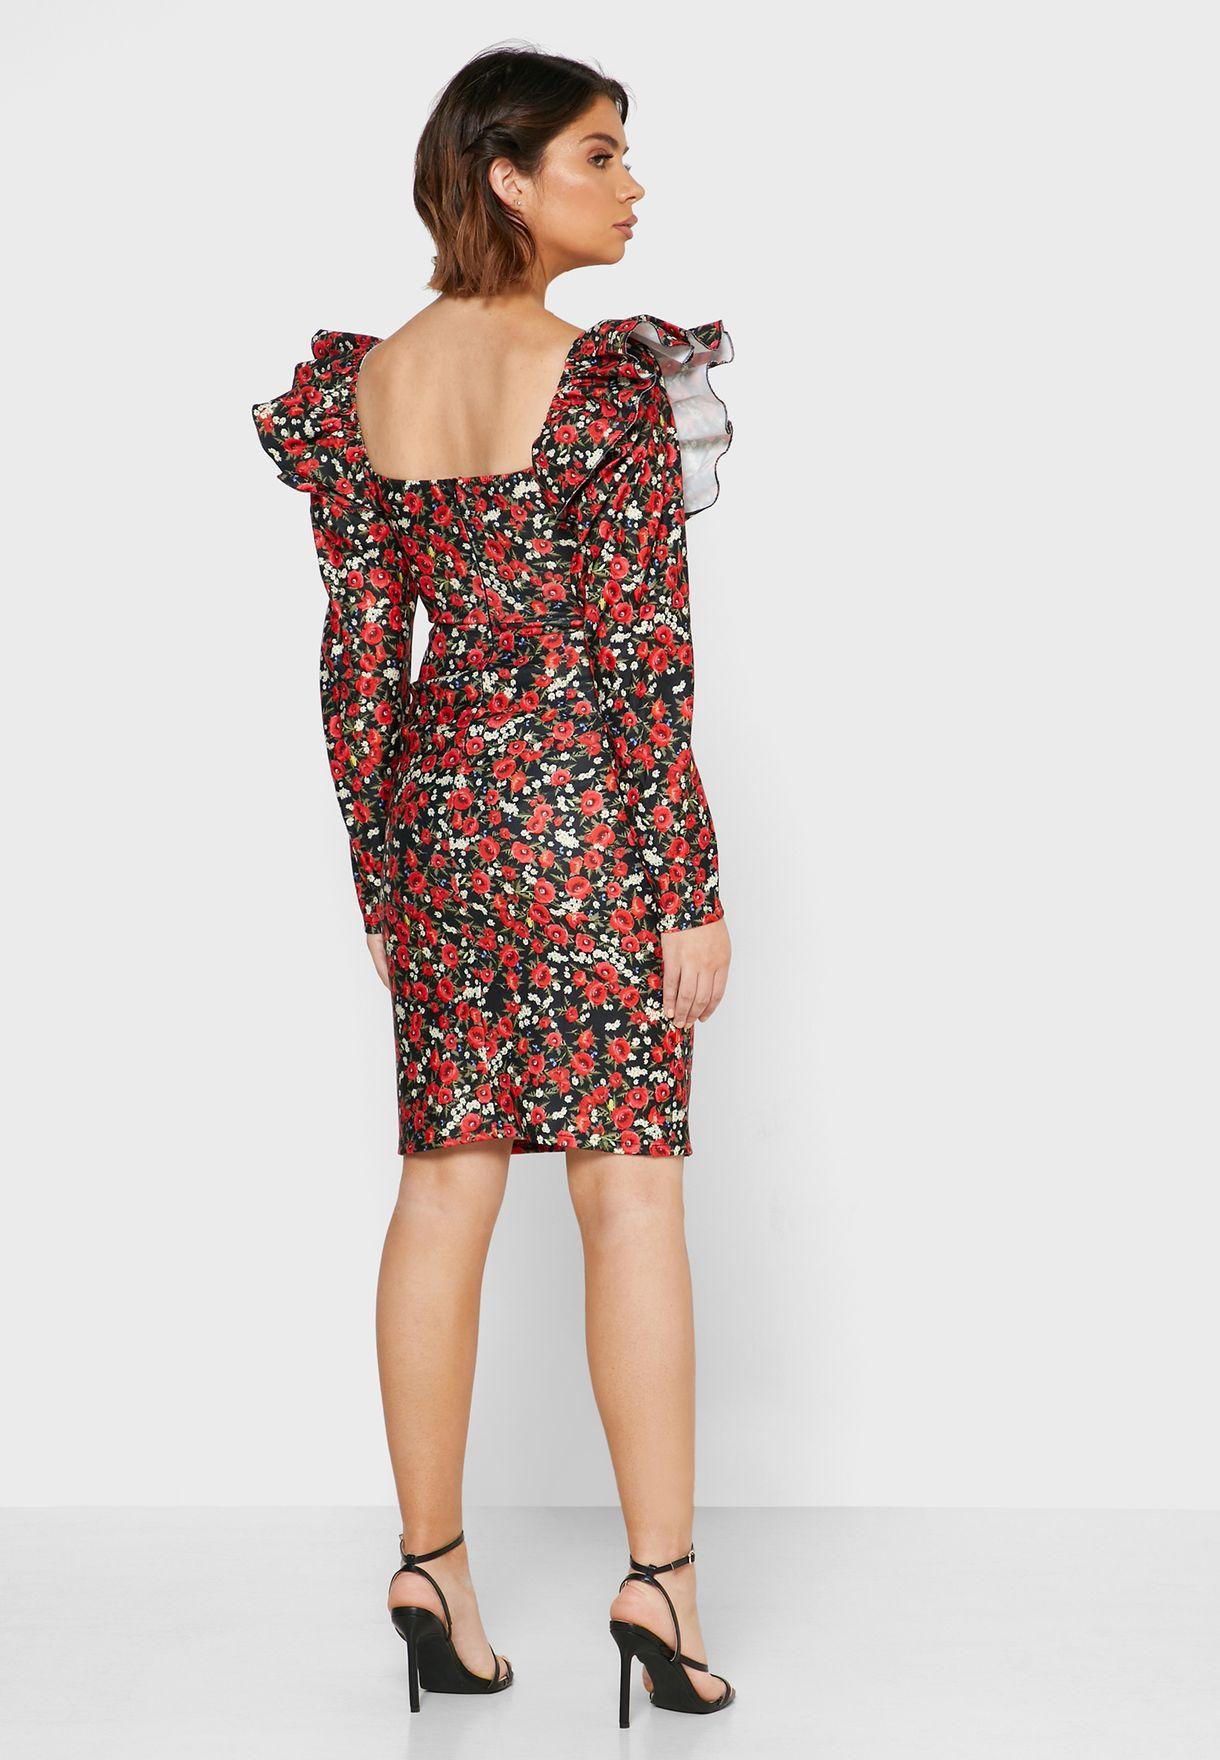 فستان ميني مزموم الاكمام بطبعات ازهار